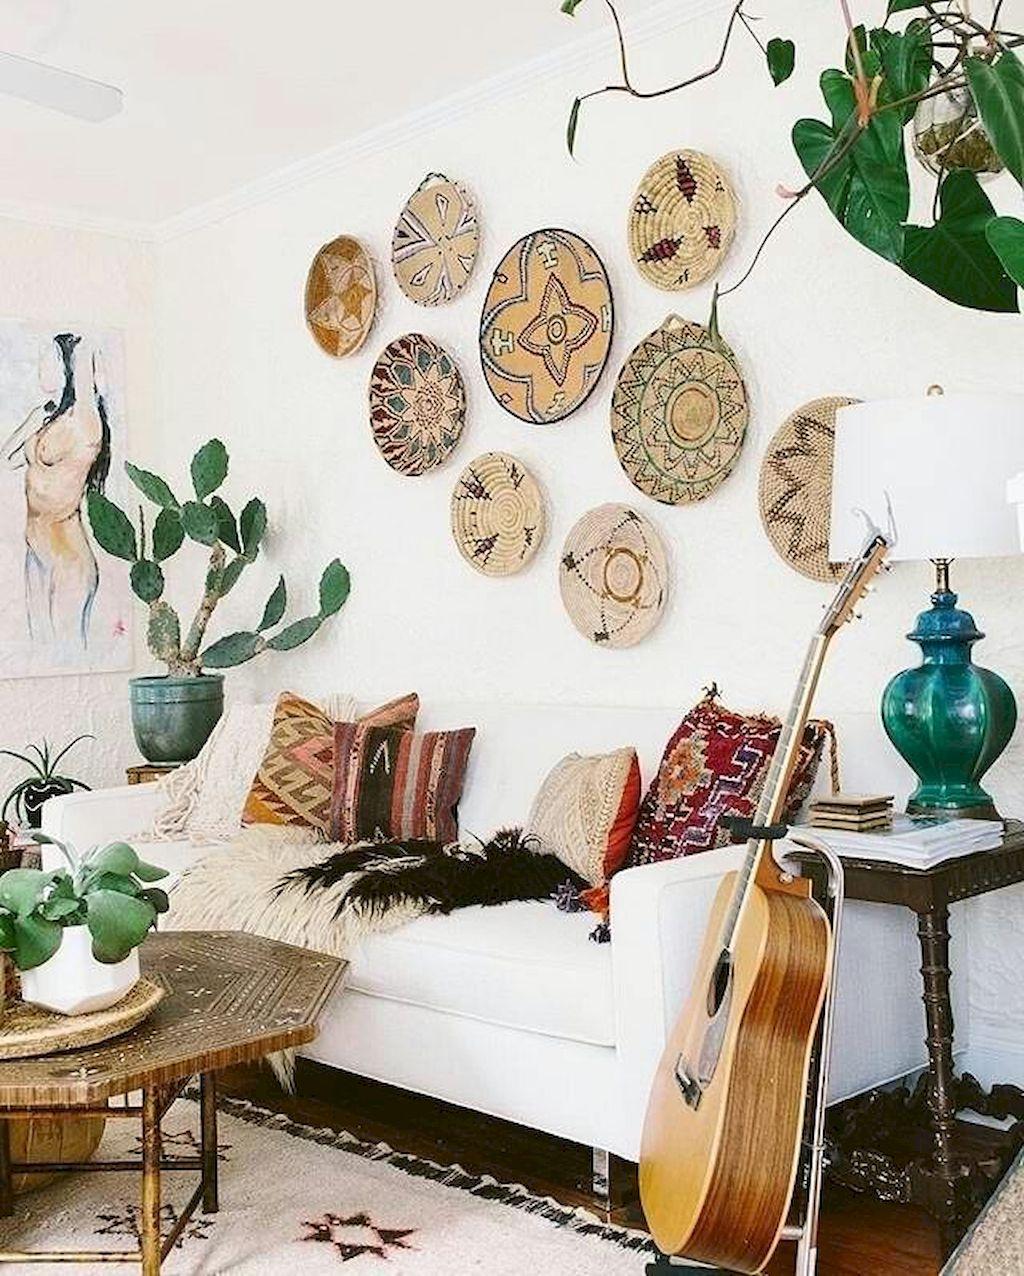 Samlarobjekt som väggdekorationer i vardagsrummet.  Källa: willieclancyfestival.com